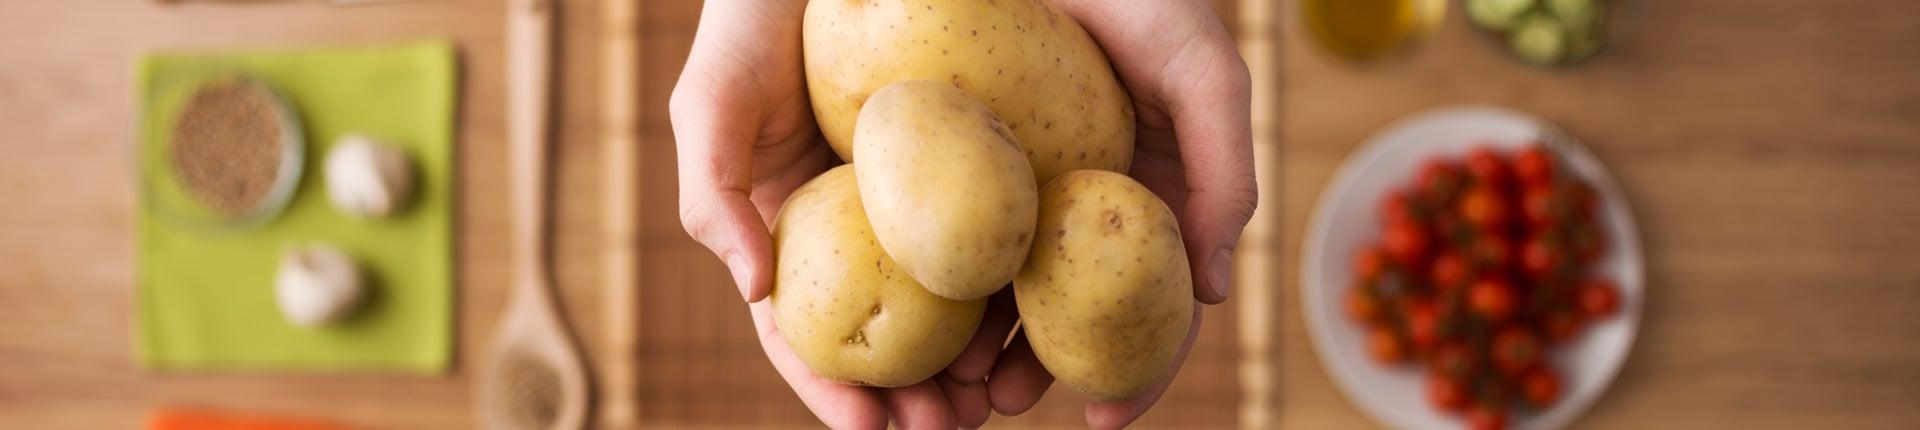 Kasza czy ziemniaki? Porównanie okiem dietetyka